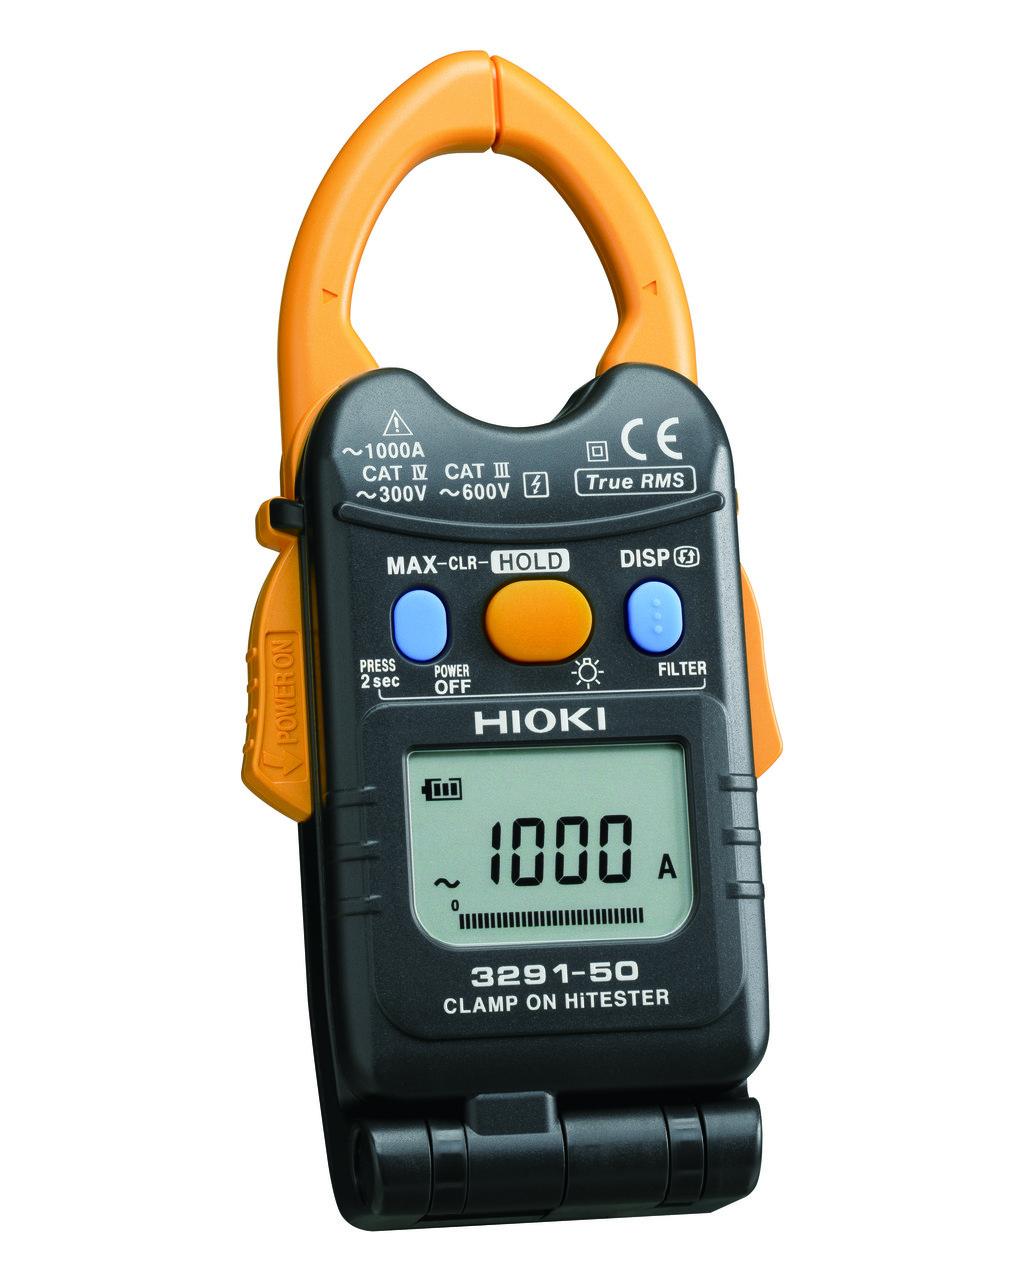 3291-50 - Alicate amperímetro AC com Flip, 1000A